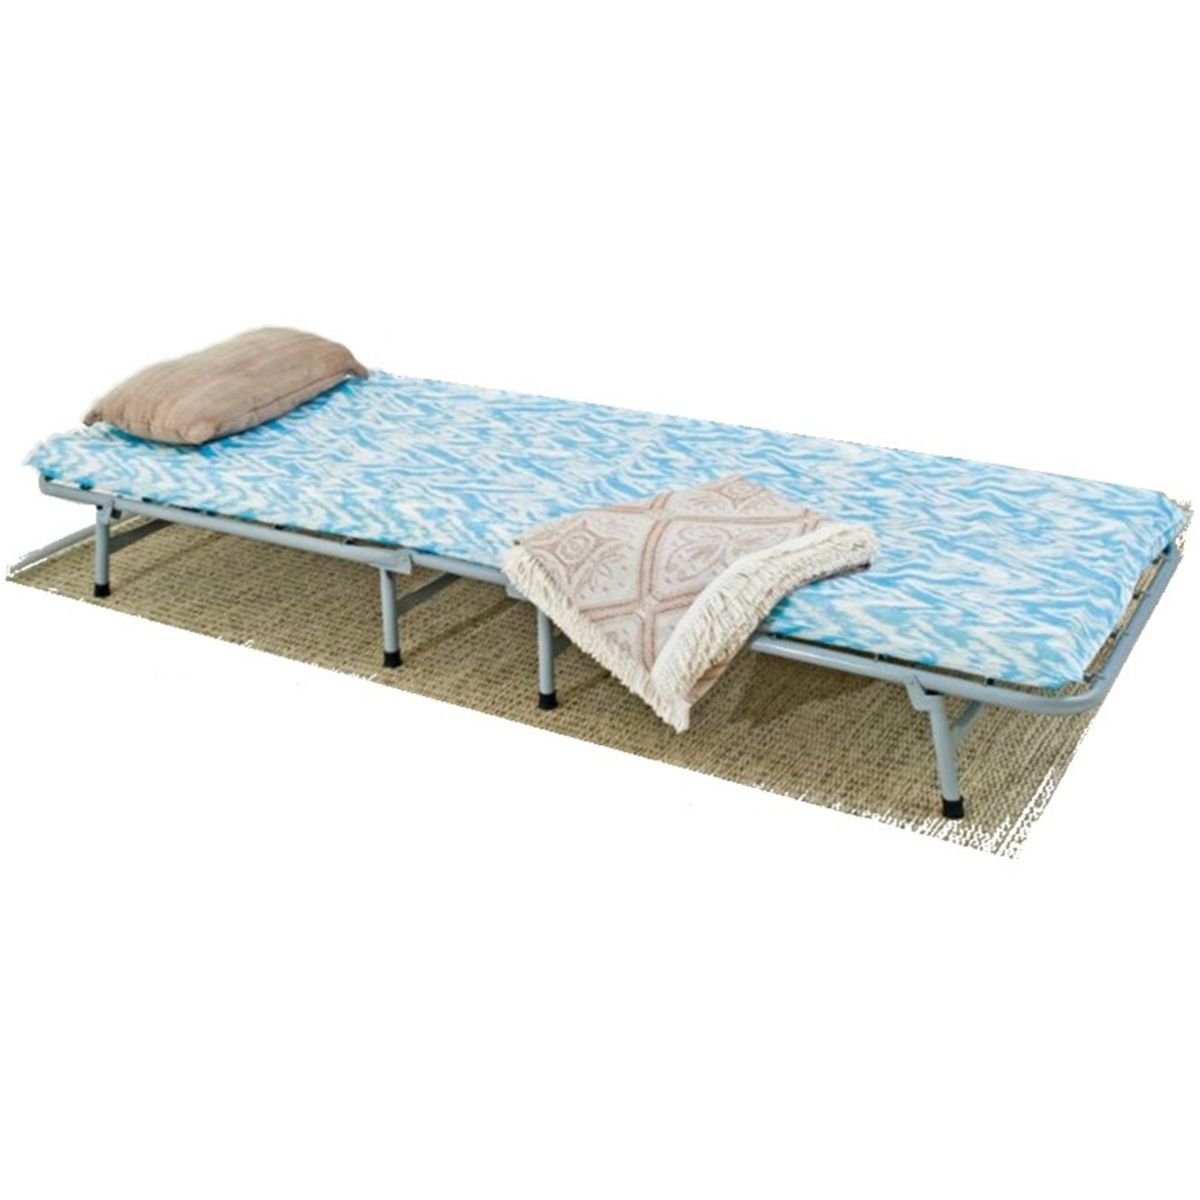 Colchão Solteiro Confortável Para Cama Ellegance 1,90 x 0,70 x 0,08m Hashigo